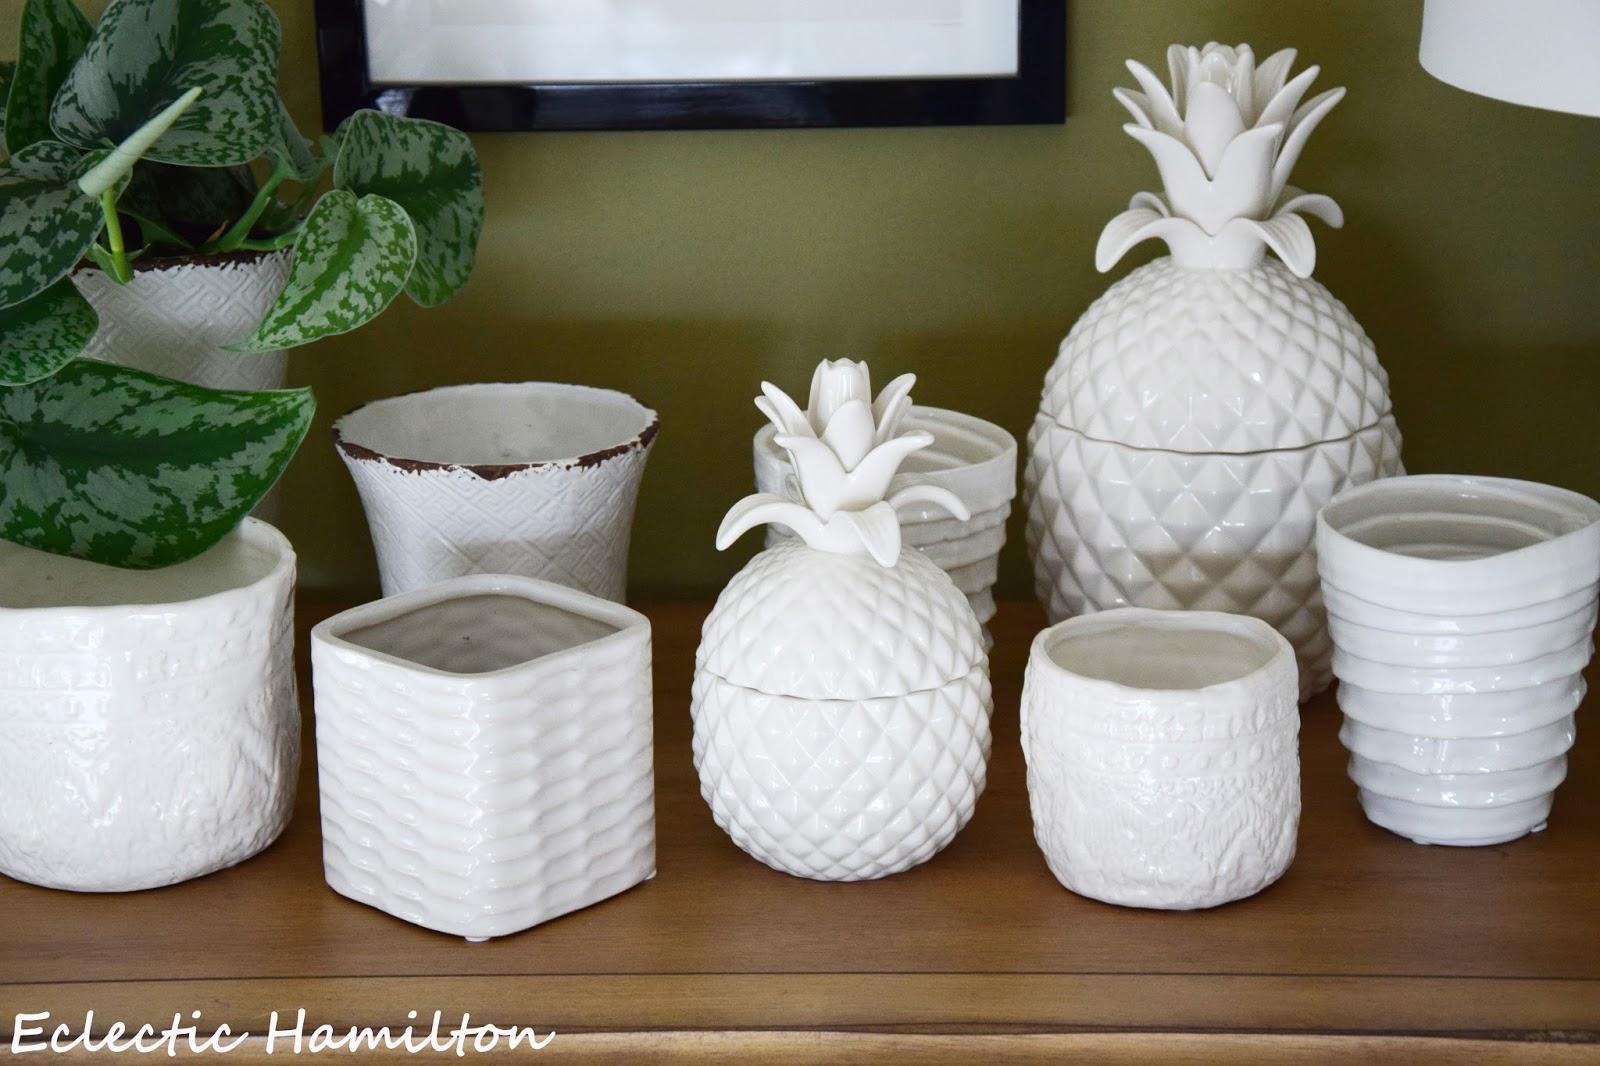 ein lichtblick im wohnzimmer mit ananas und artischocke eclectic hamilton. Black Bedroom Furniture Sets. Home Design Ideas